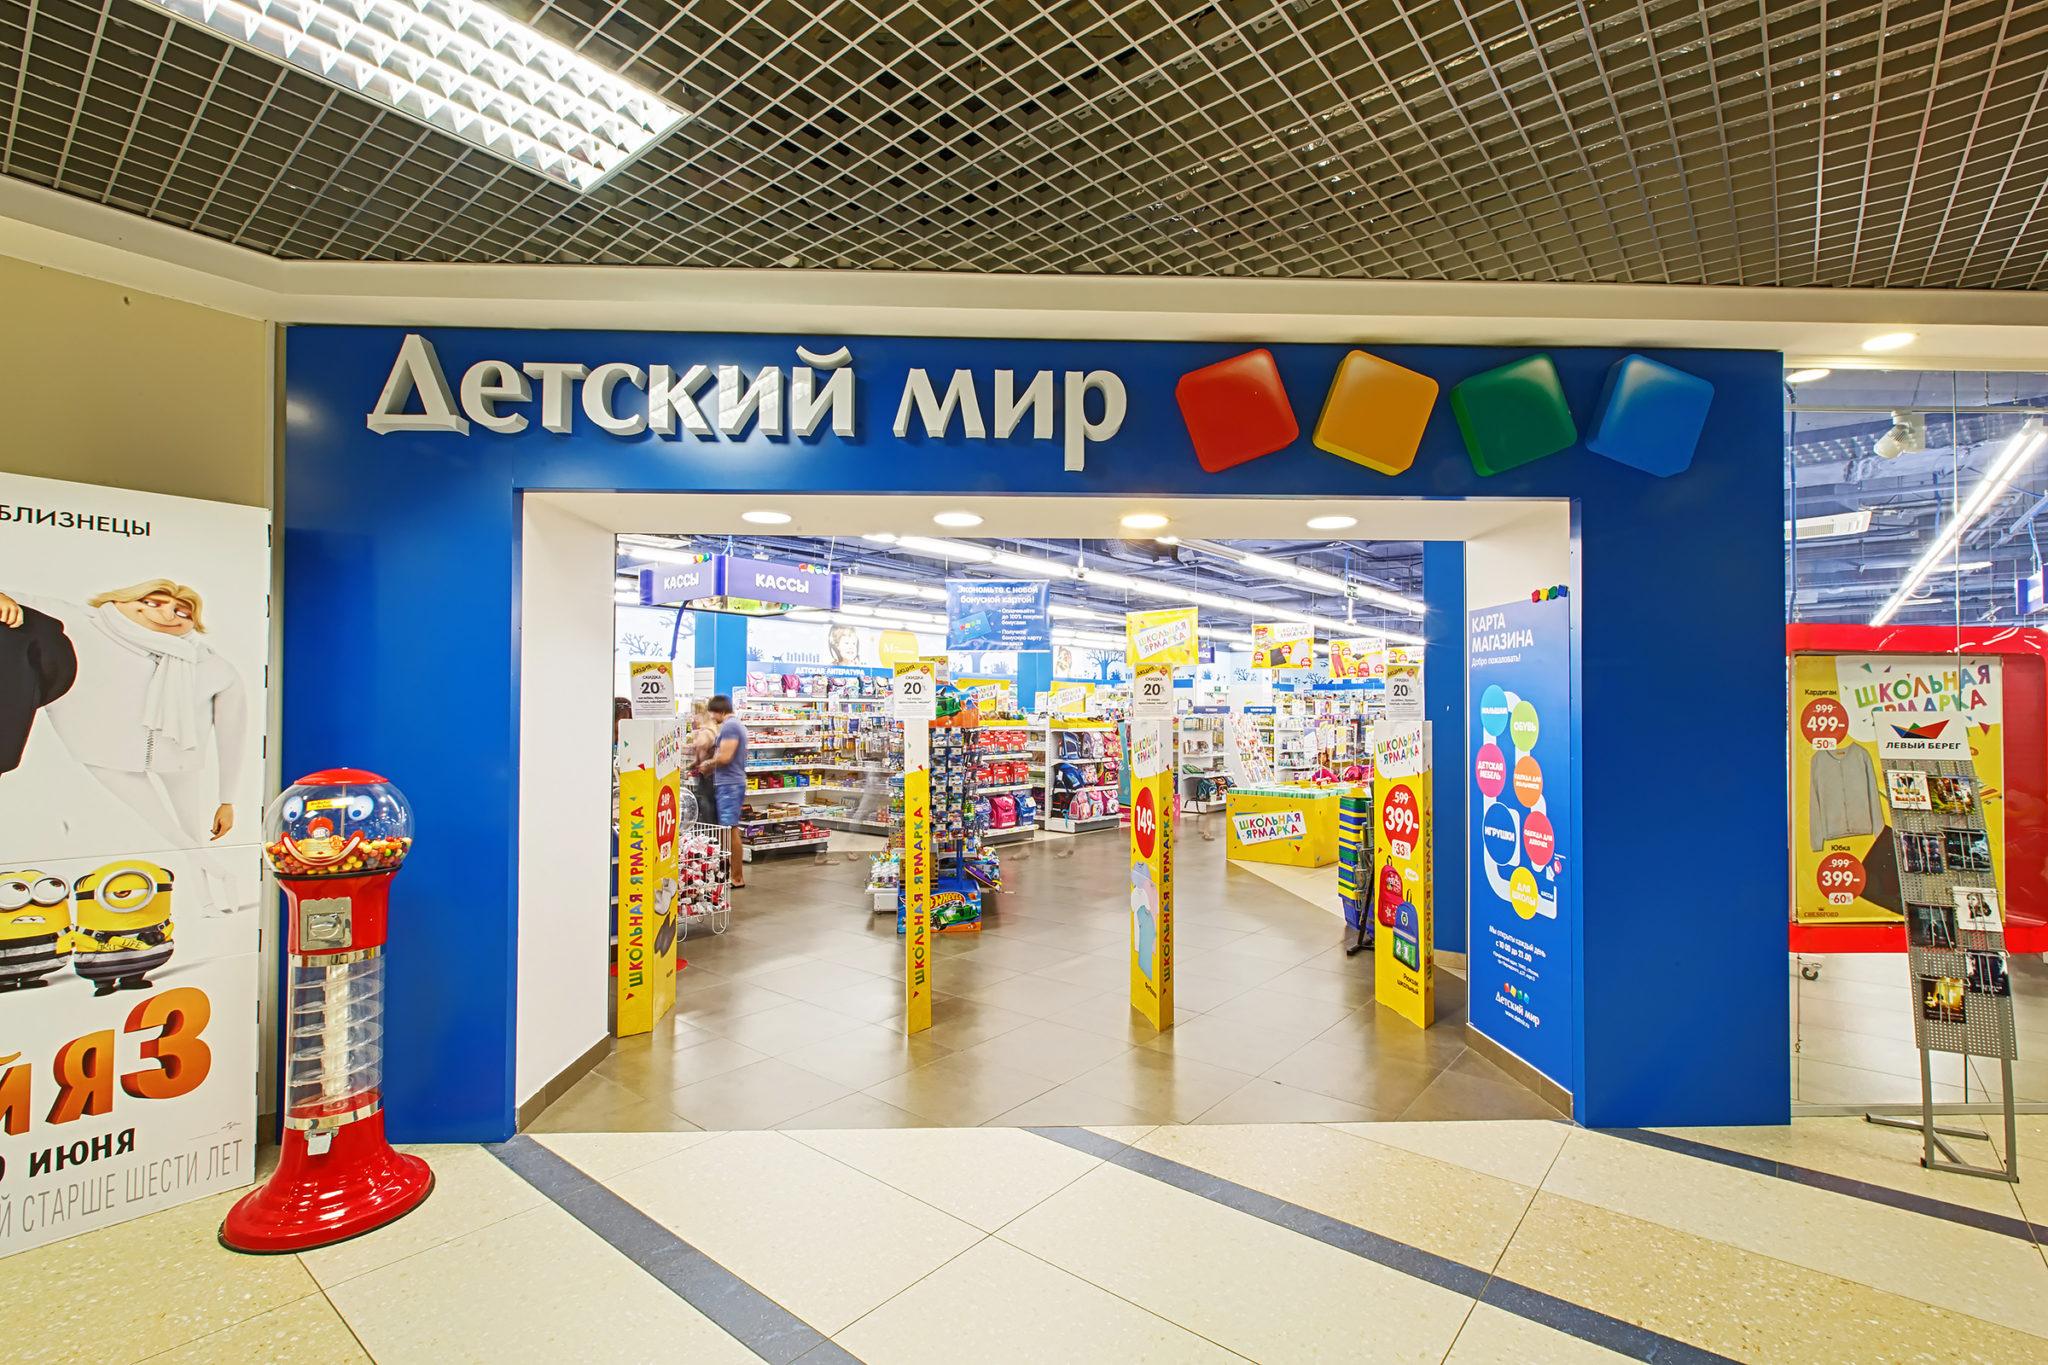 «Детский мир» расширяет сеть в России и Казахстане. Группа компаний «Детский  мир» — крупнейший оператор торговли детскими товарами ... 1a86982e7ea